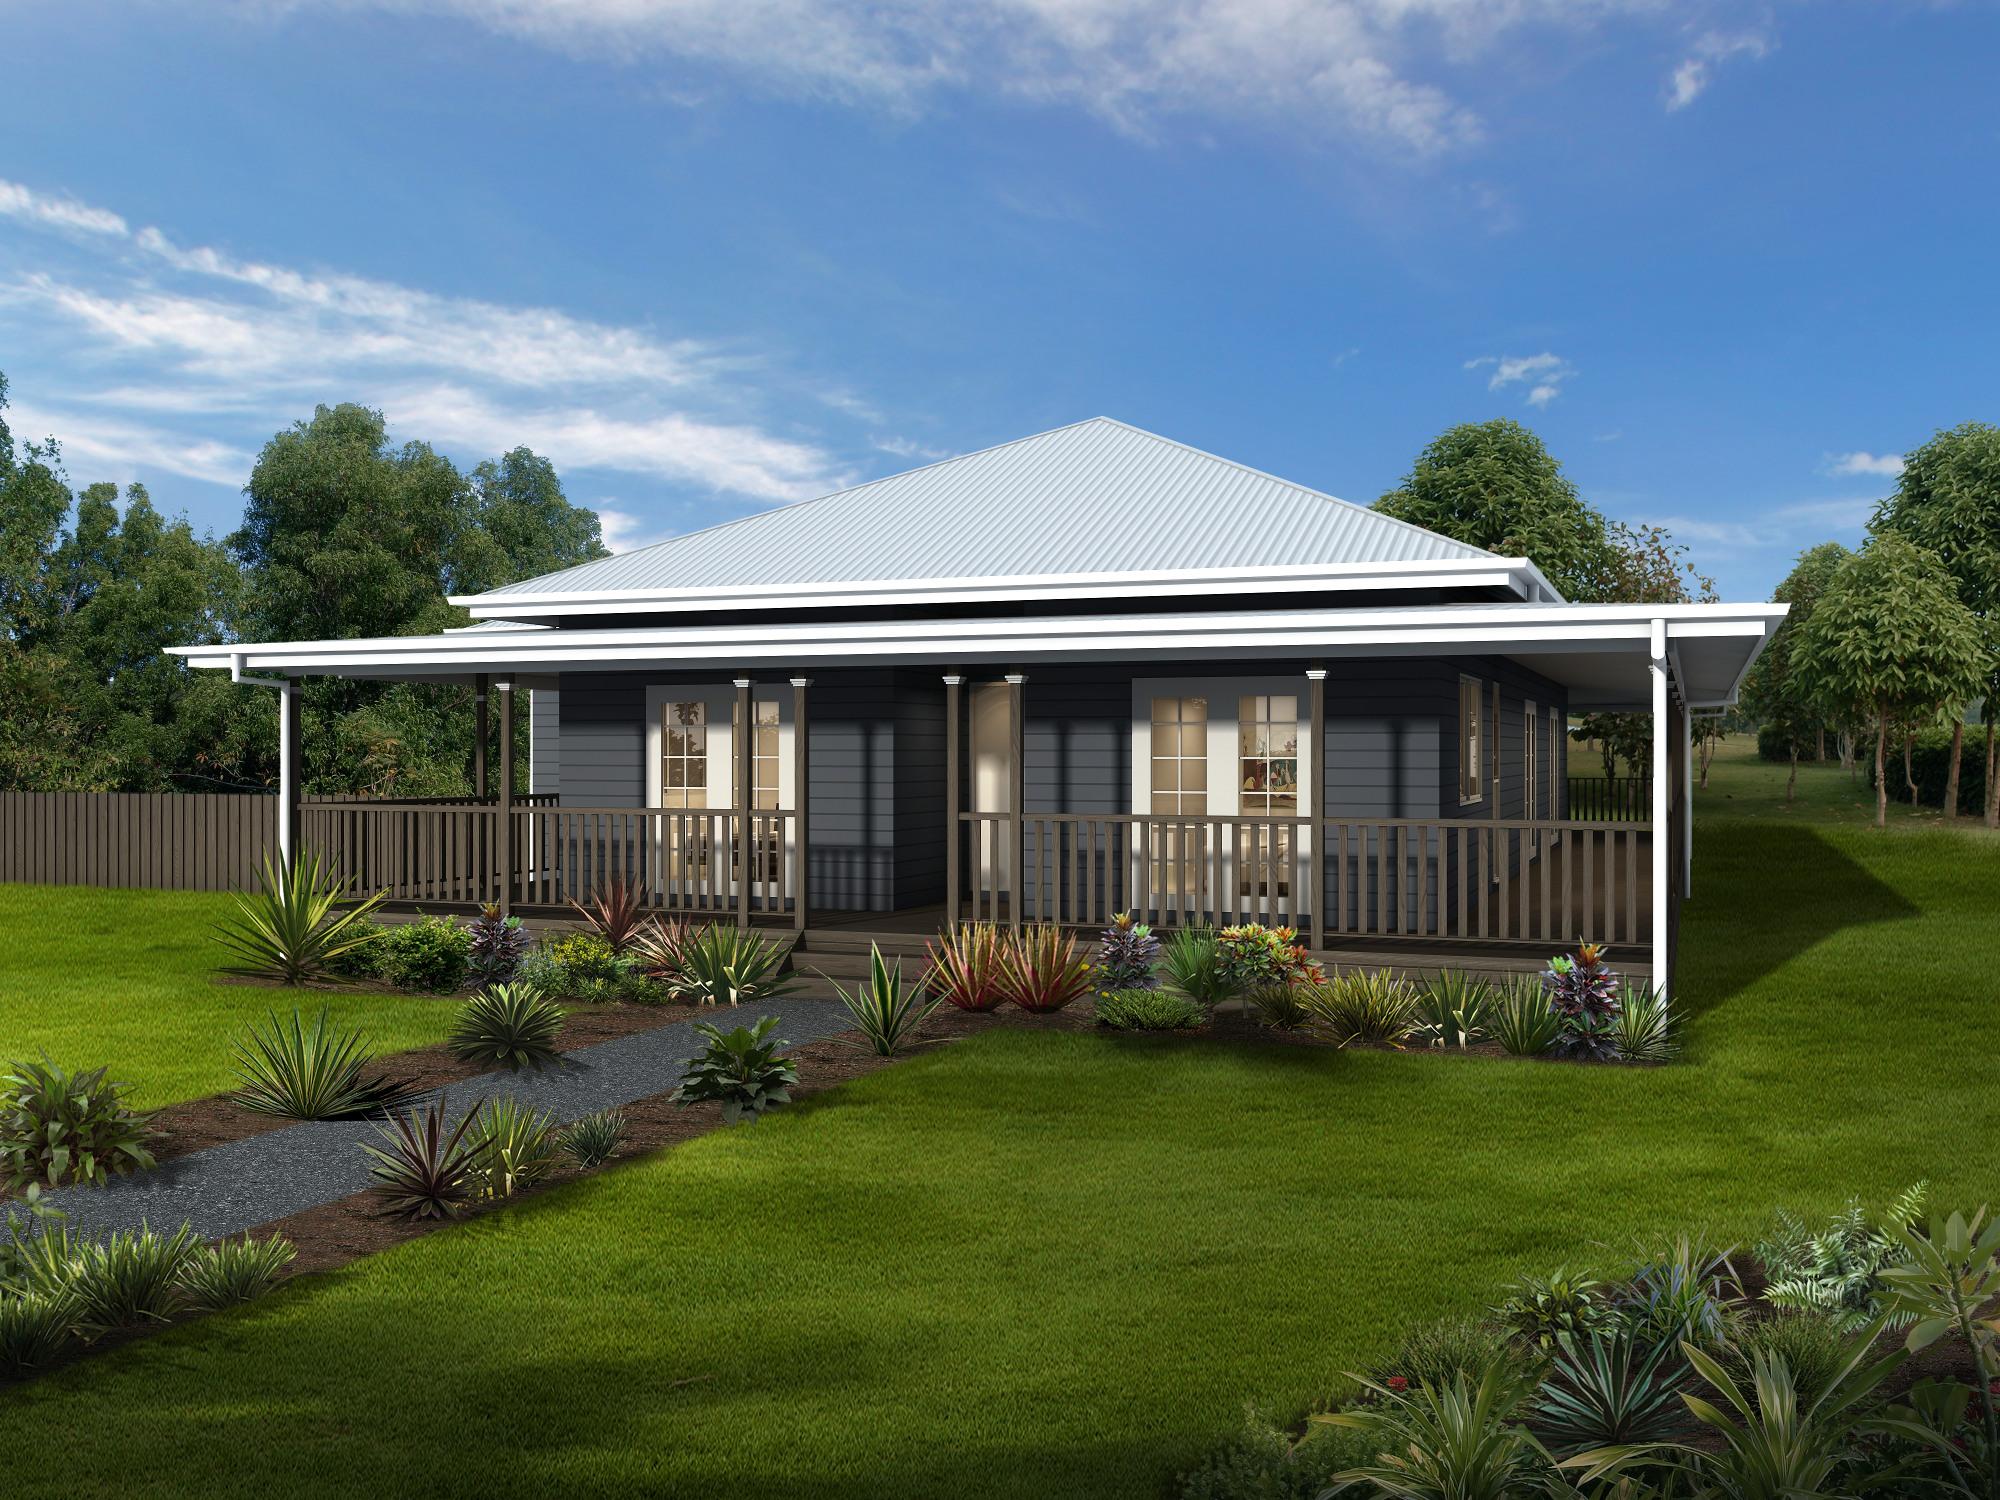 Home Design - Leonis - T4029